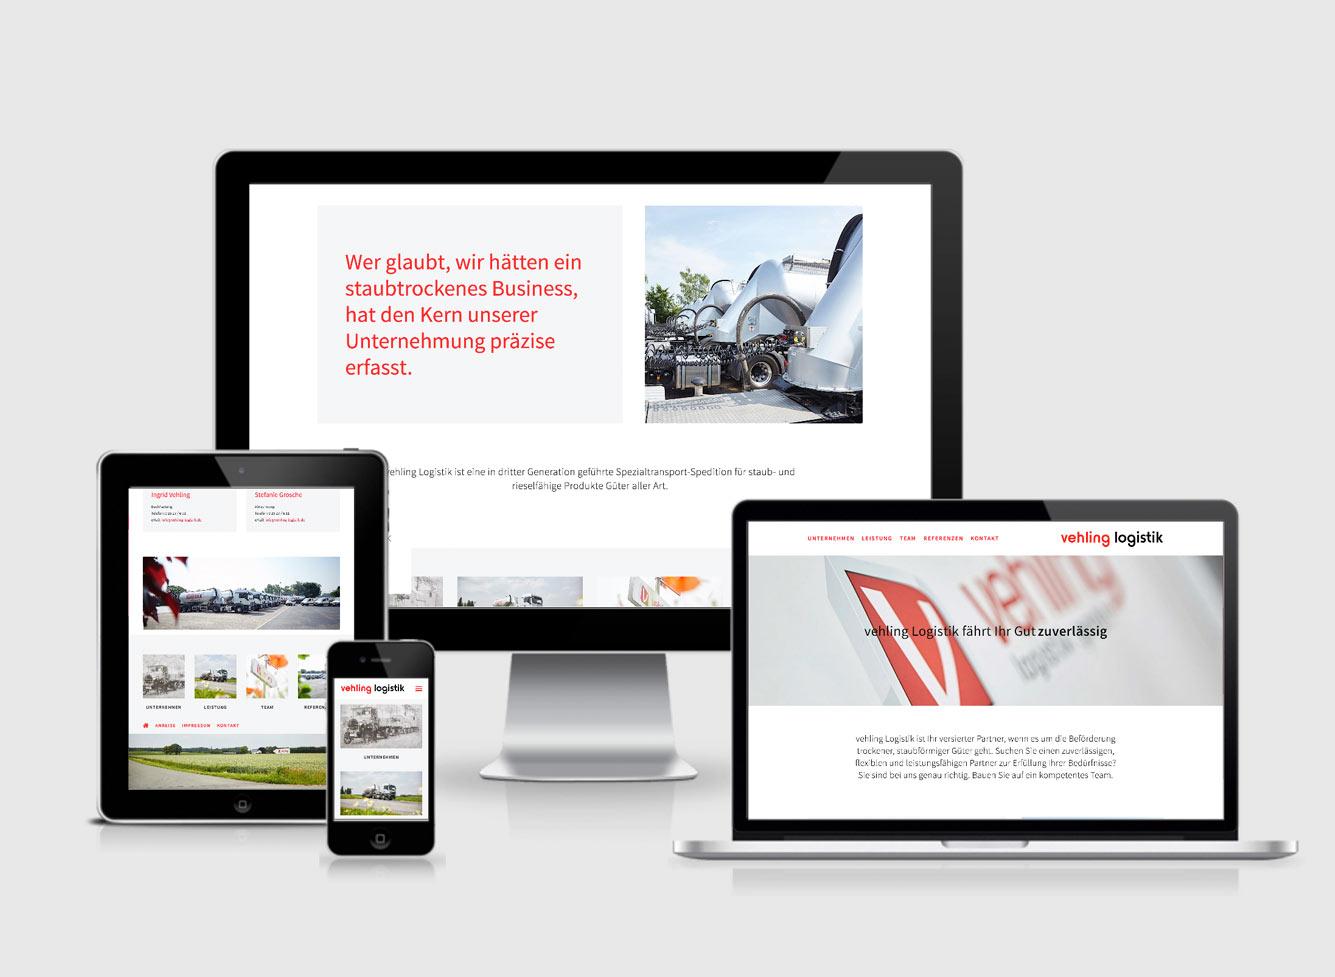 vehling-logistik-homepage-CROP-2.jpg